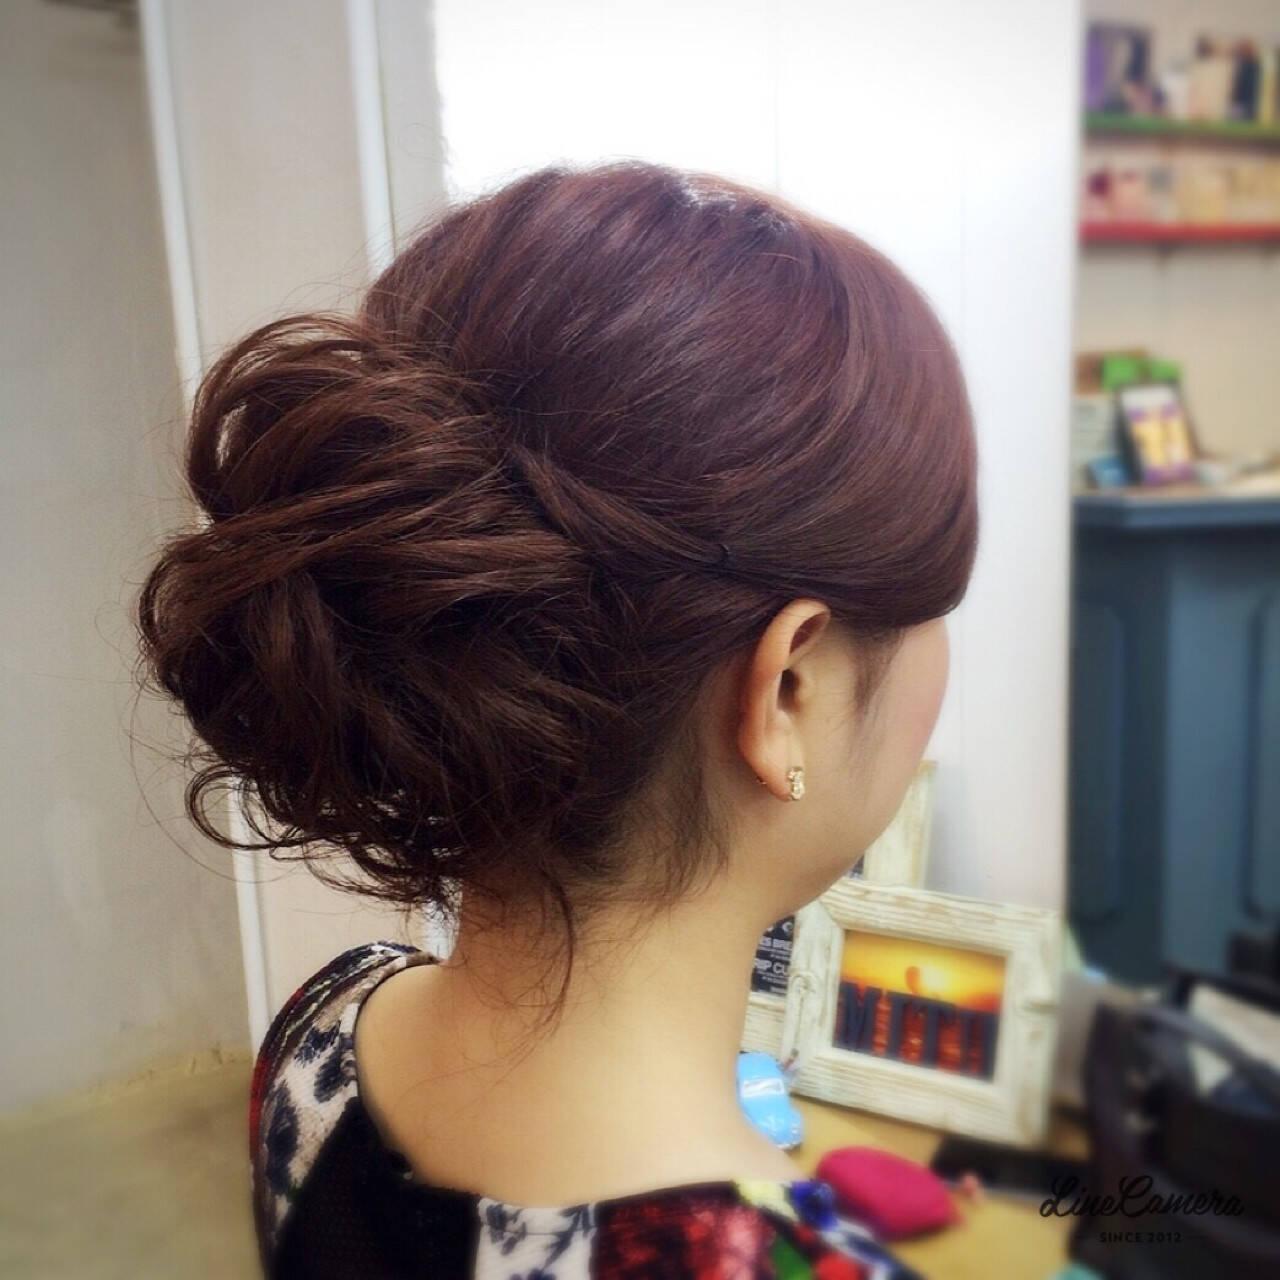 アップスタイル ねじり セミロング 簡単ヘアアレンジヘアスタイルや髪型の写真・画像